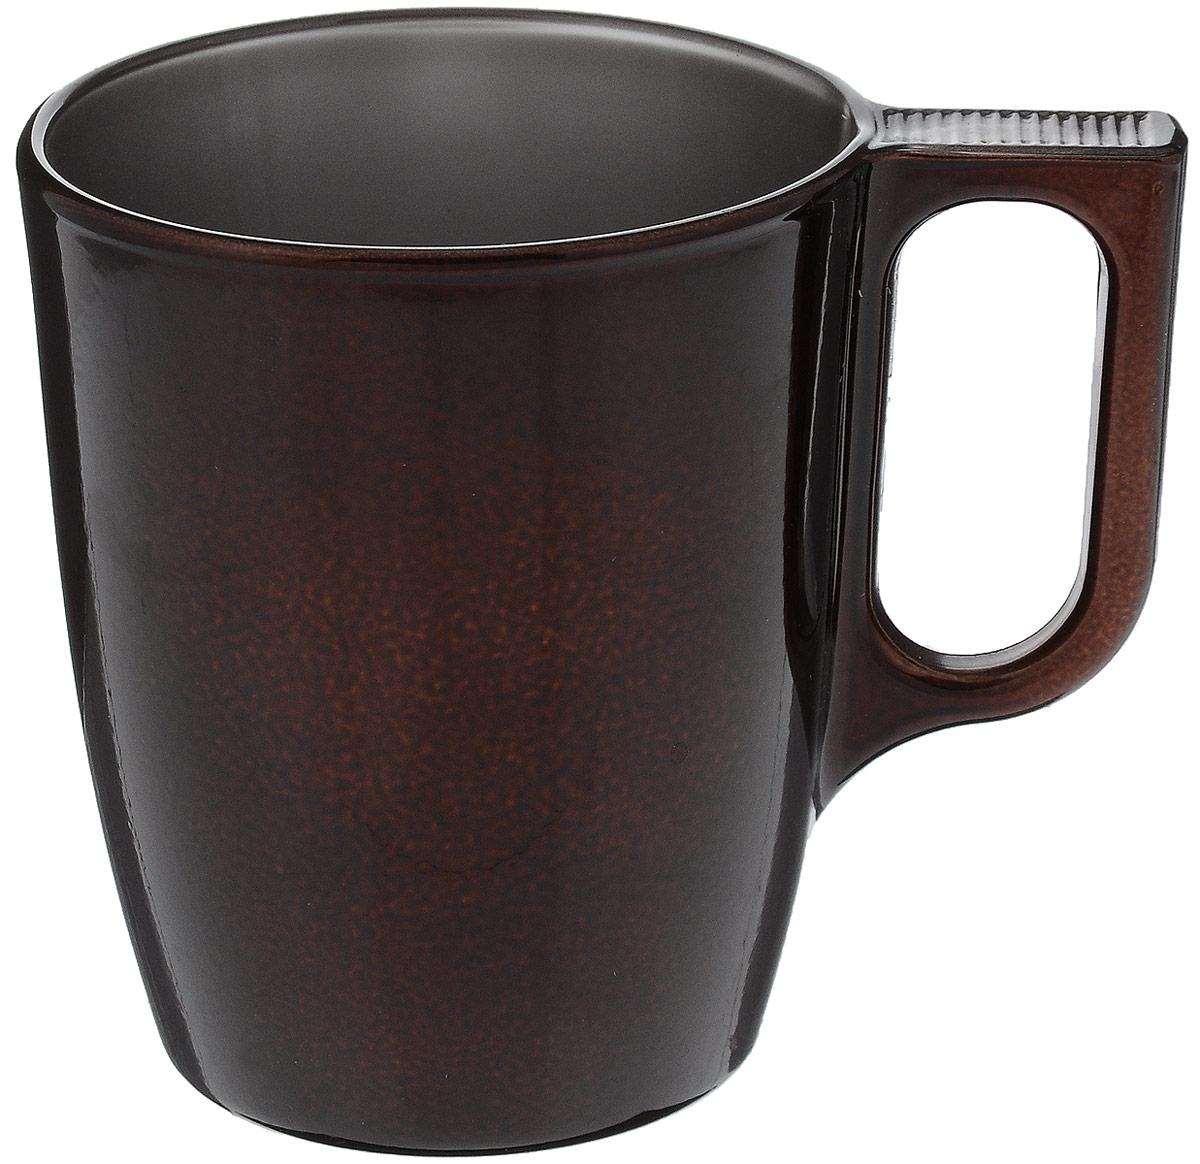 Кружка Luminarc Flashy Сolors, цвет: коричневый, 250 млJ1120Кружка Flashy Colors выполнена в современном дизайне и имеет приятный насыщенный цвет. Кофе, чай, какао, любой напиток покажется в ней ароматнее и вкуснее. Кружка объемом 250 мл подойдет для ежедневного использования на кухне с любым интерьером. Кружка изготовлена из ударопрочного стекла и не впитывает запахи. Она может быть использована в СВЧ-печи и посудомоечной машине. Диаметр кружки по верхнему краю: 7,4 см. Высота: 9 см.